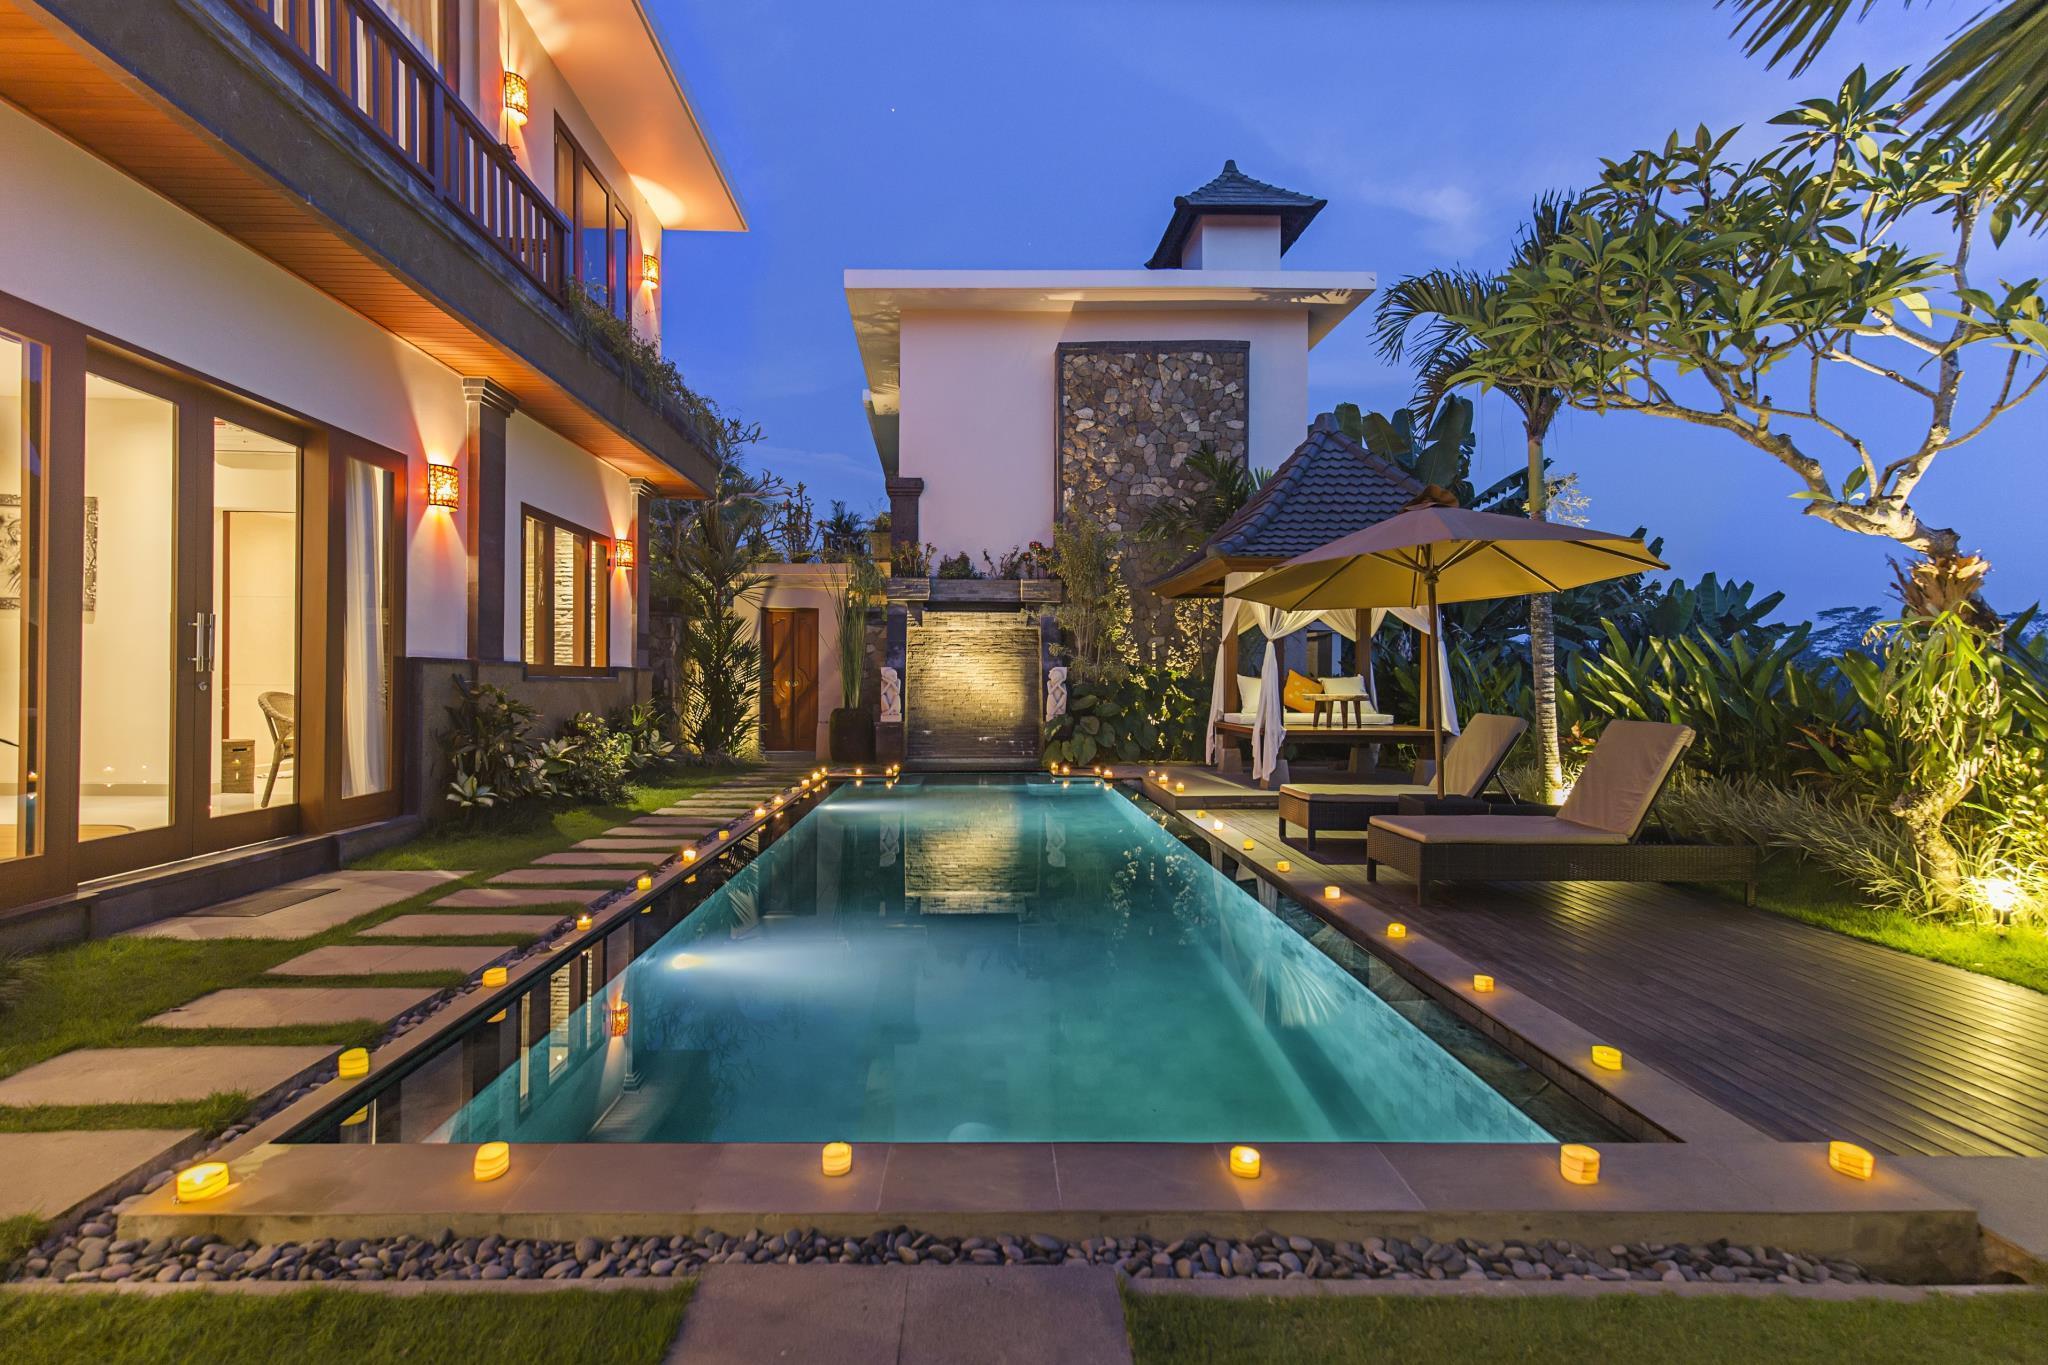 Alosta Luxury Private Villa ホテル詳細